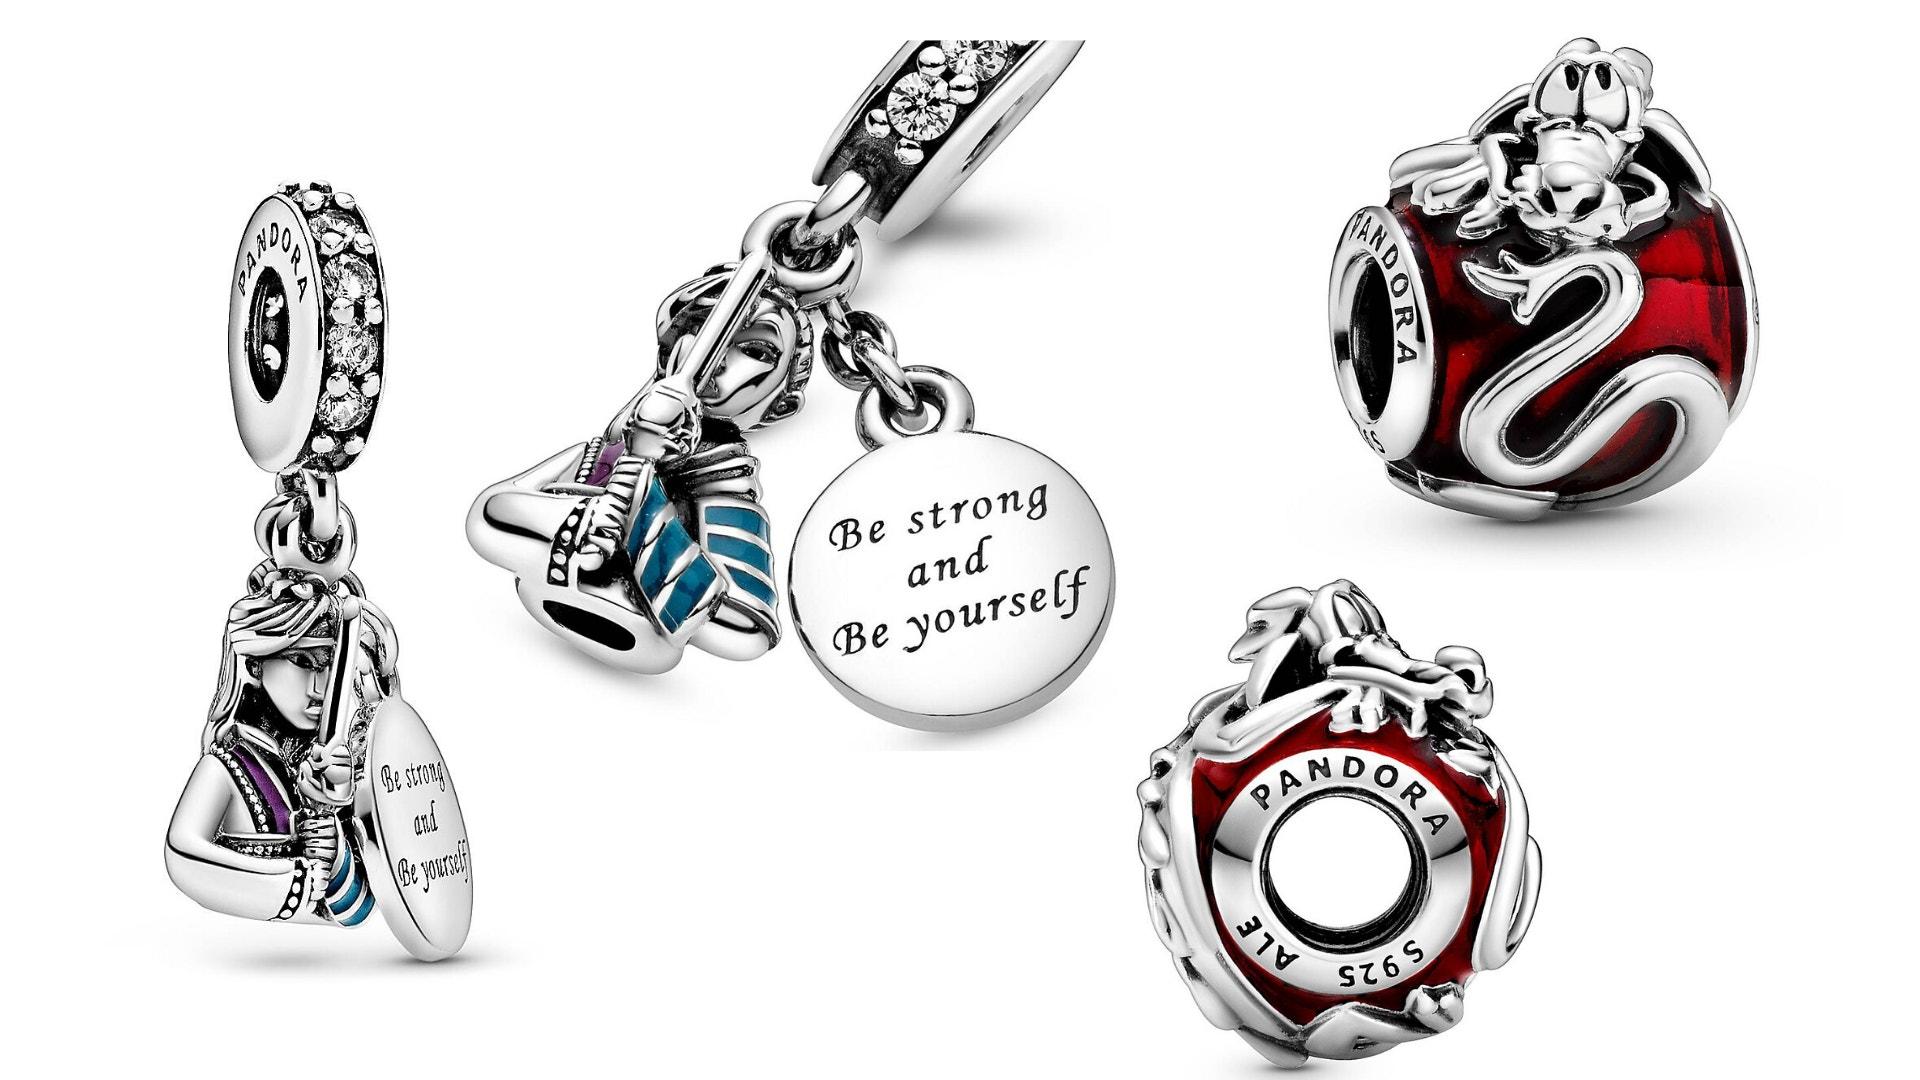 SHOP: New Mulan and Mushu Pandora Charms Bring Honor to Us All on ...